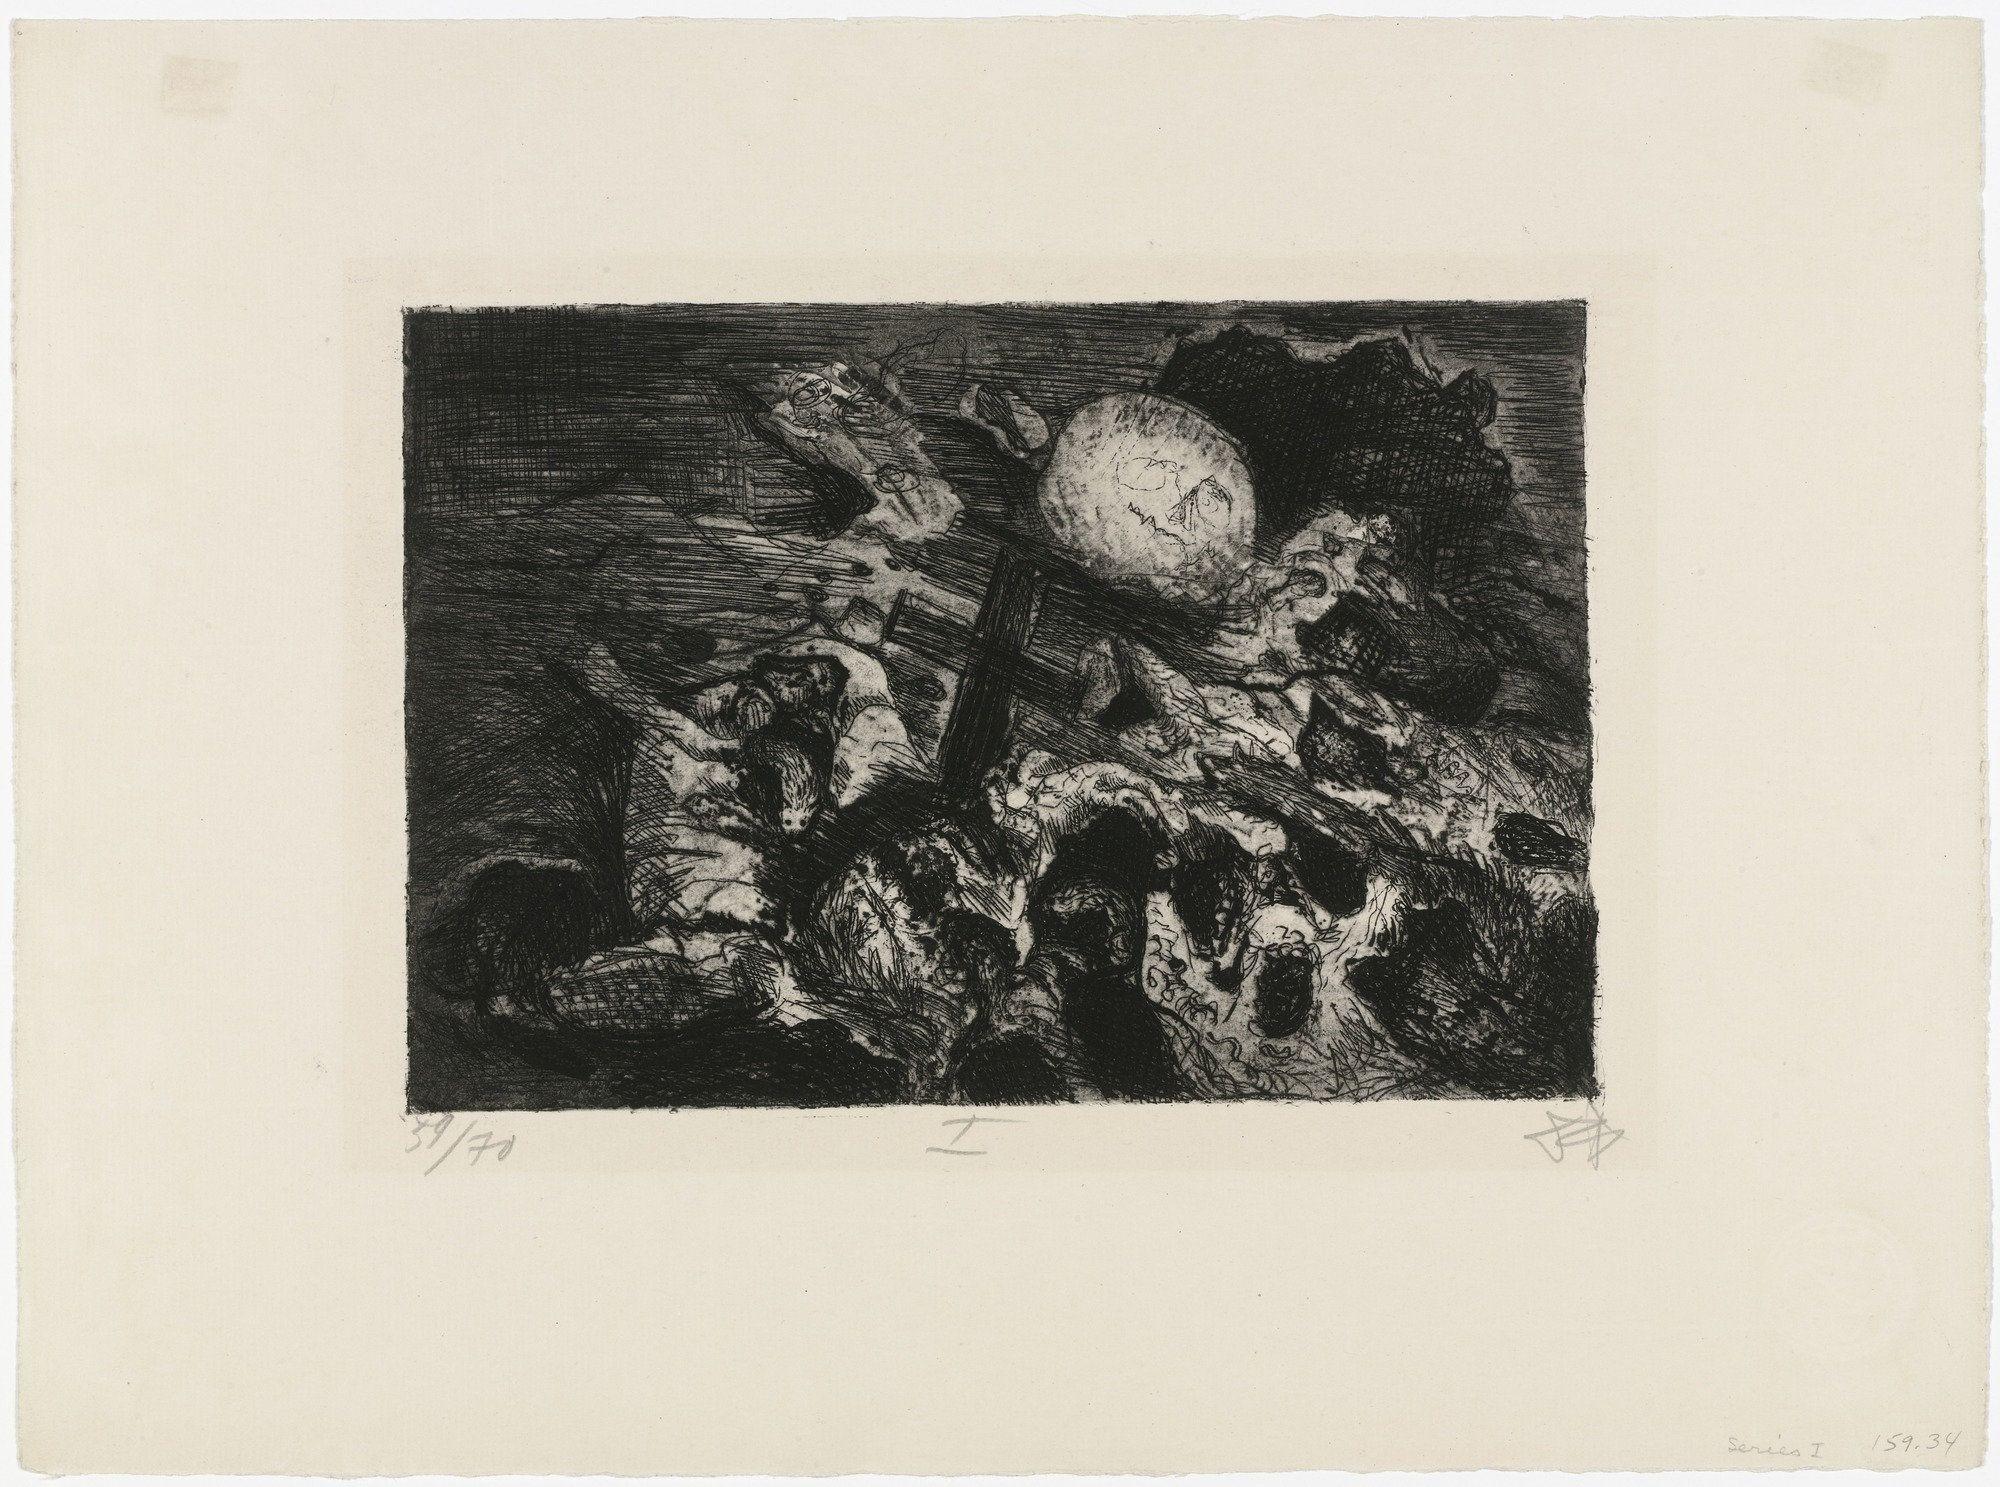 Otto Dix (1924, impressa entre 1923-24) Der Krieg. Água-forte, água-tinta e ponta-seca. 22 x 23 cm (estampa), 39,8 x 42,1 cm (papel). Impressa por Otto Felsing e publicada por Karl Nierendorf, ambos de Berlim, tiragem: 70 cópias. MoMA, The Museum of Modern Art.